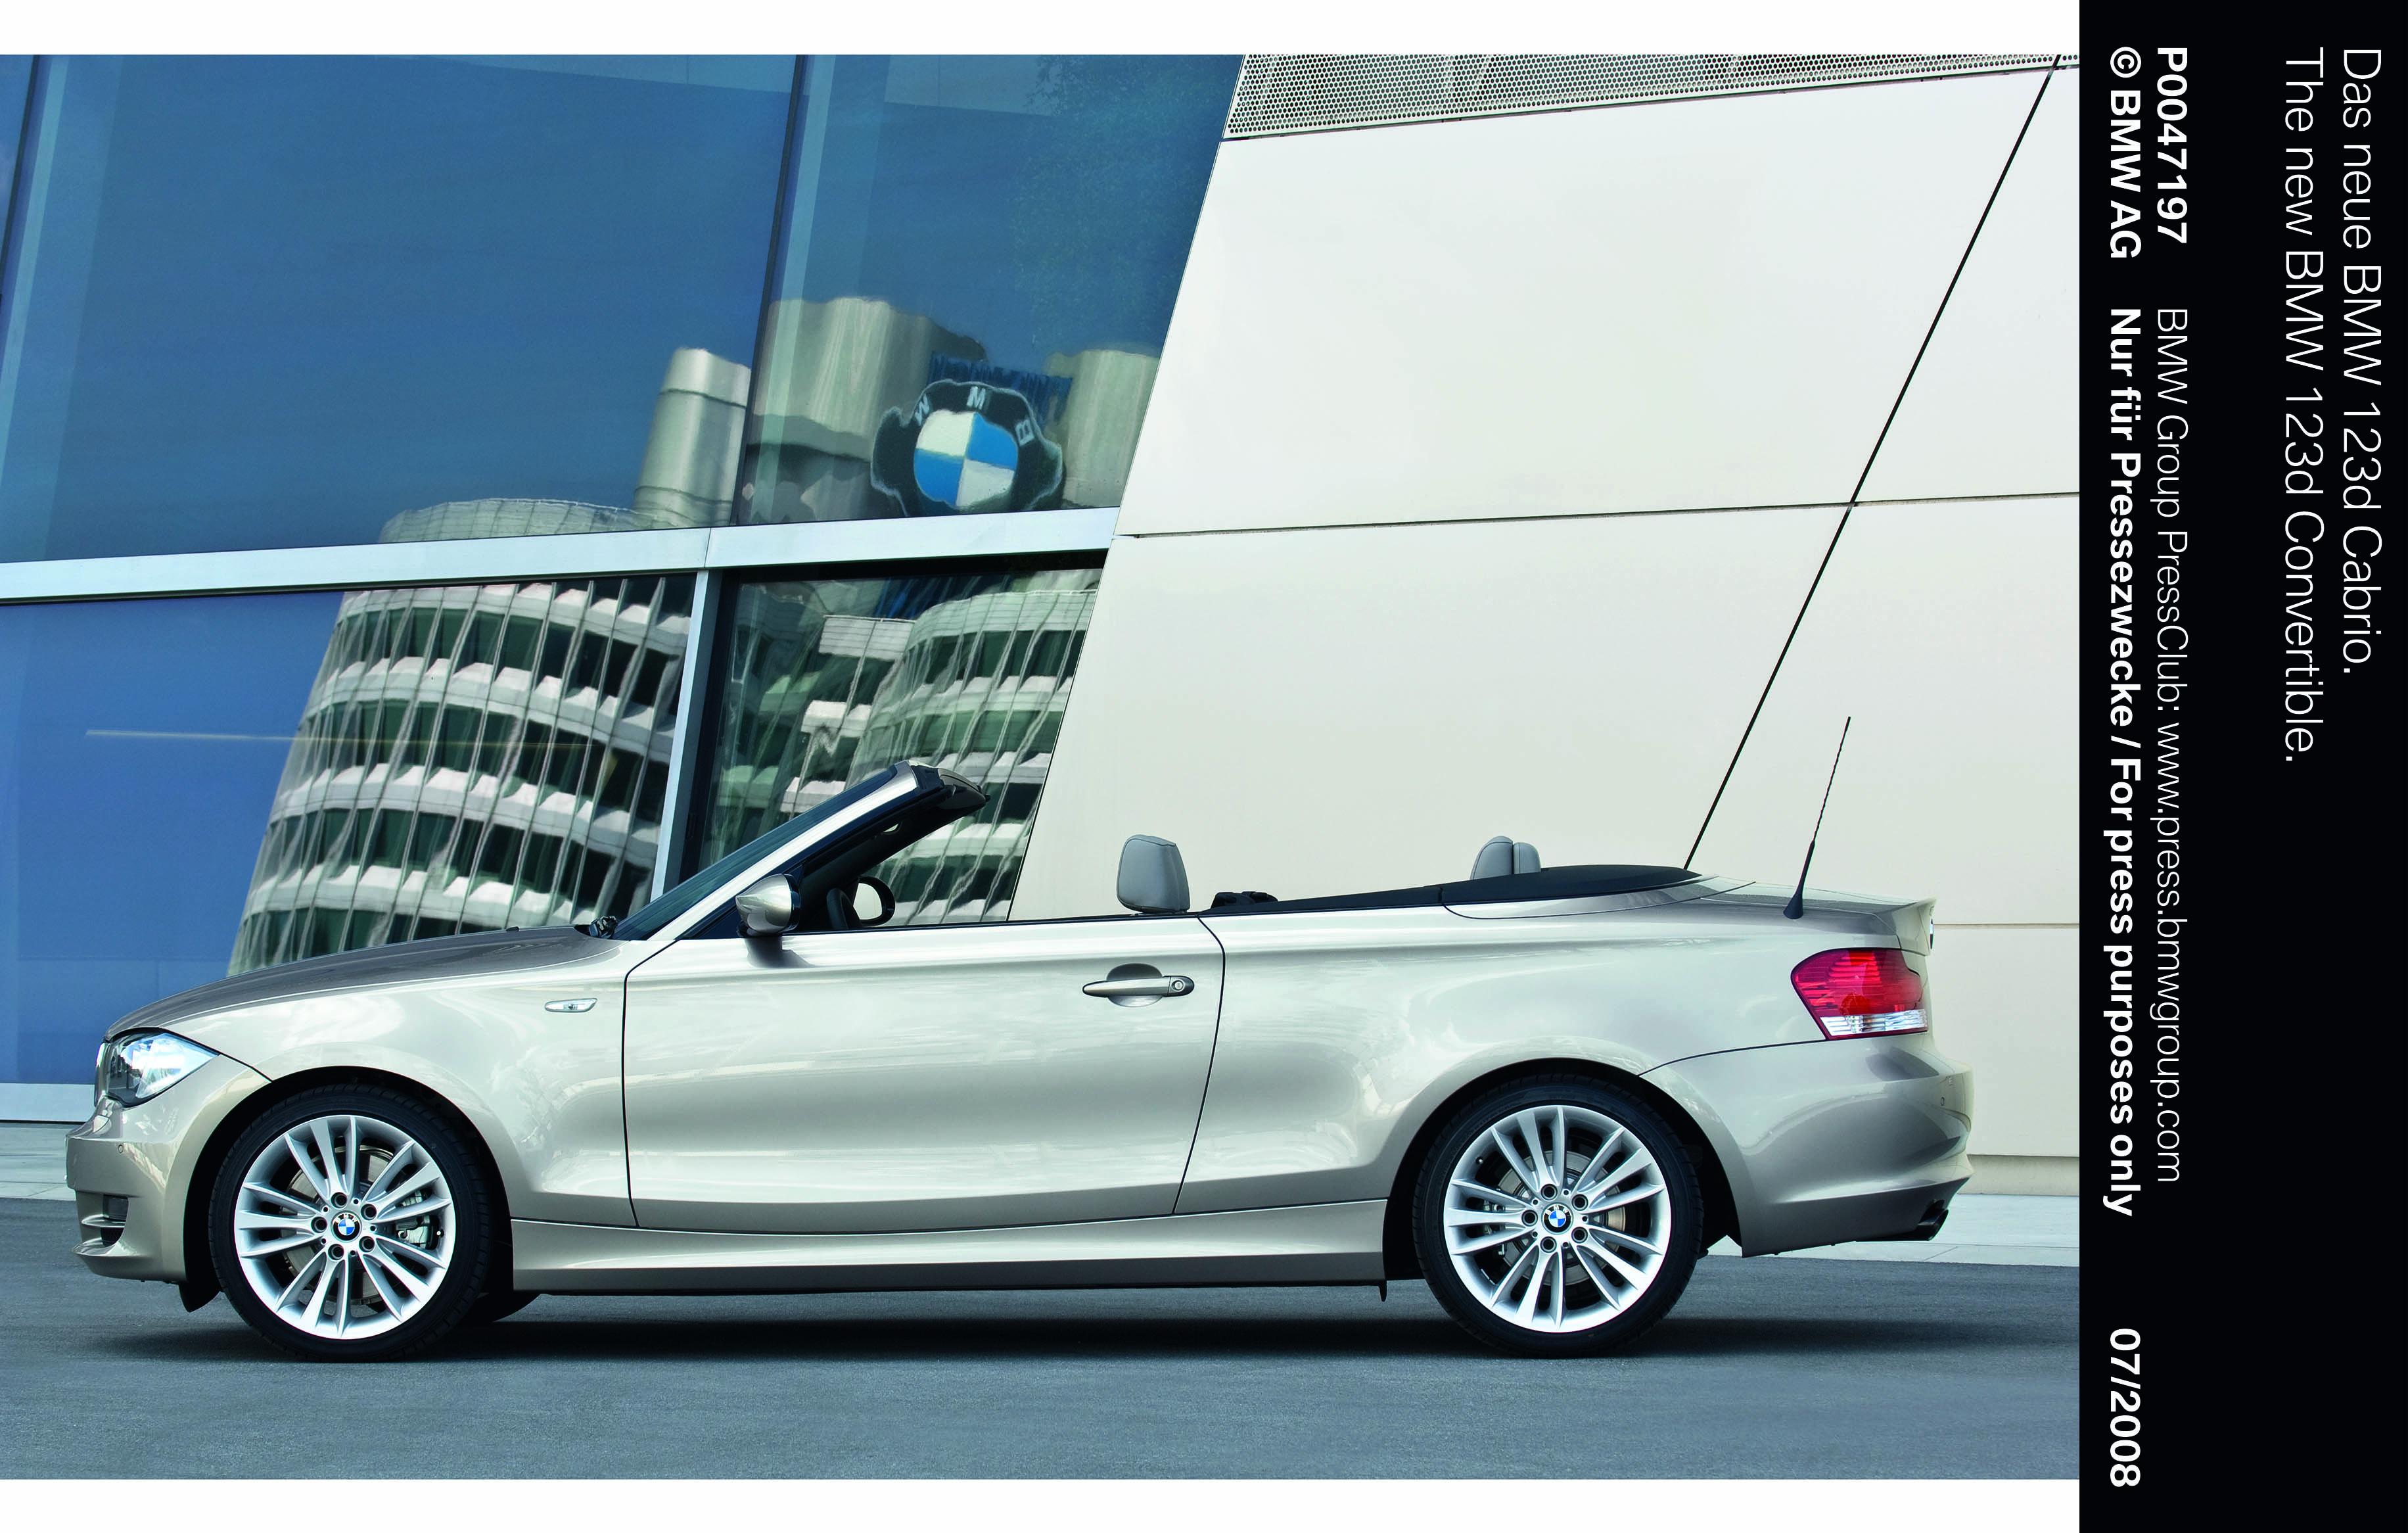 Die BMW 1er Reihe im Modelljahr 2009: Maßstab für Fahrspaß ...